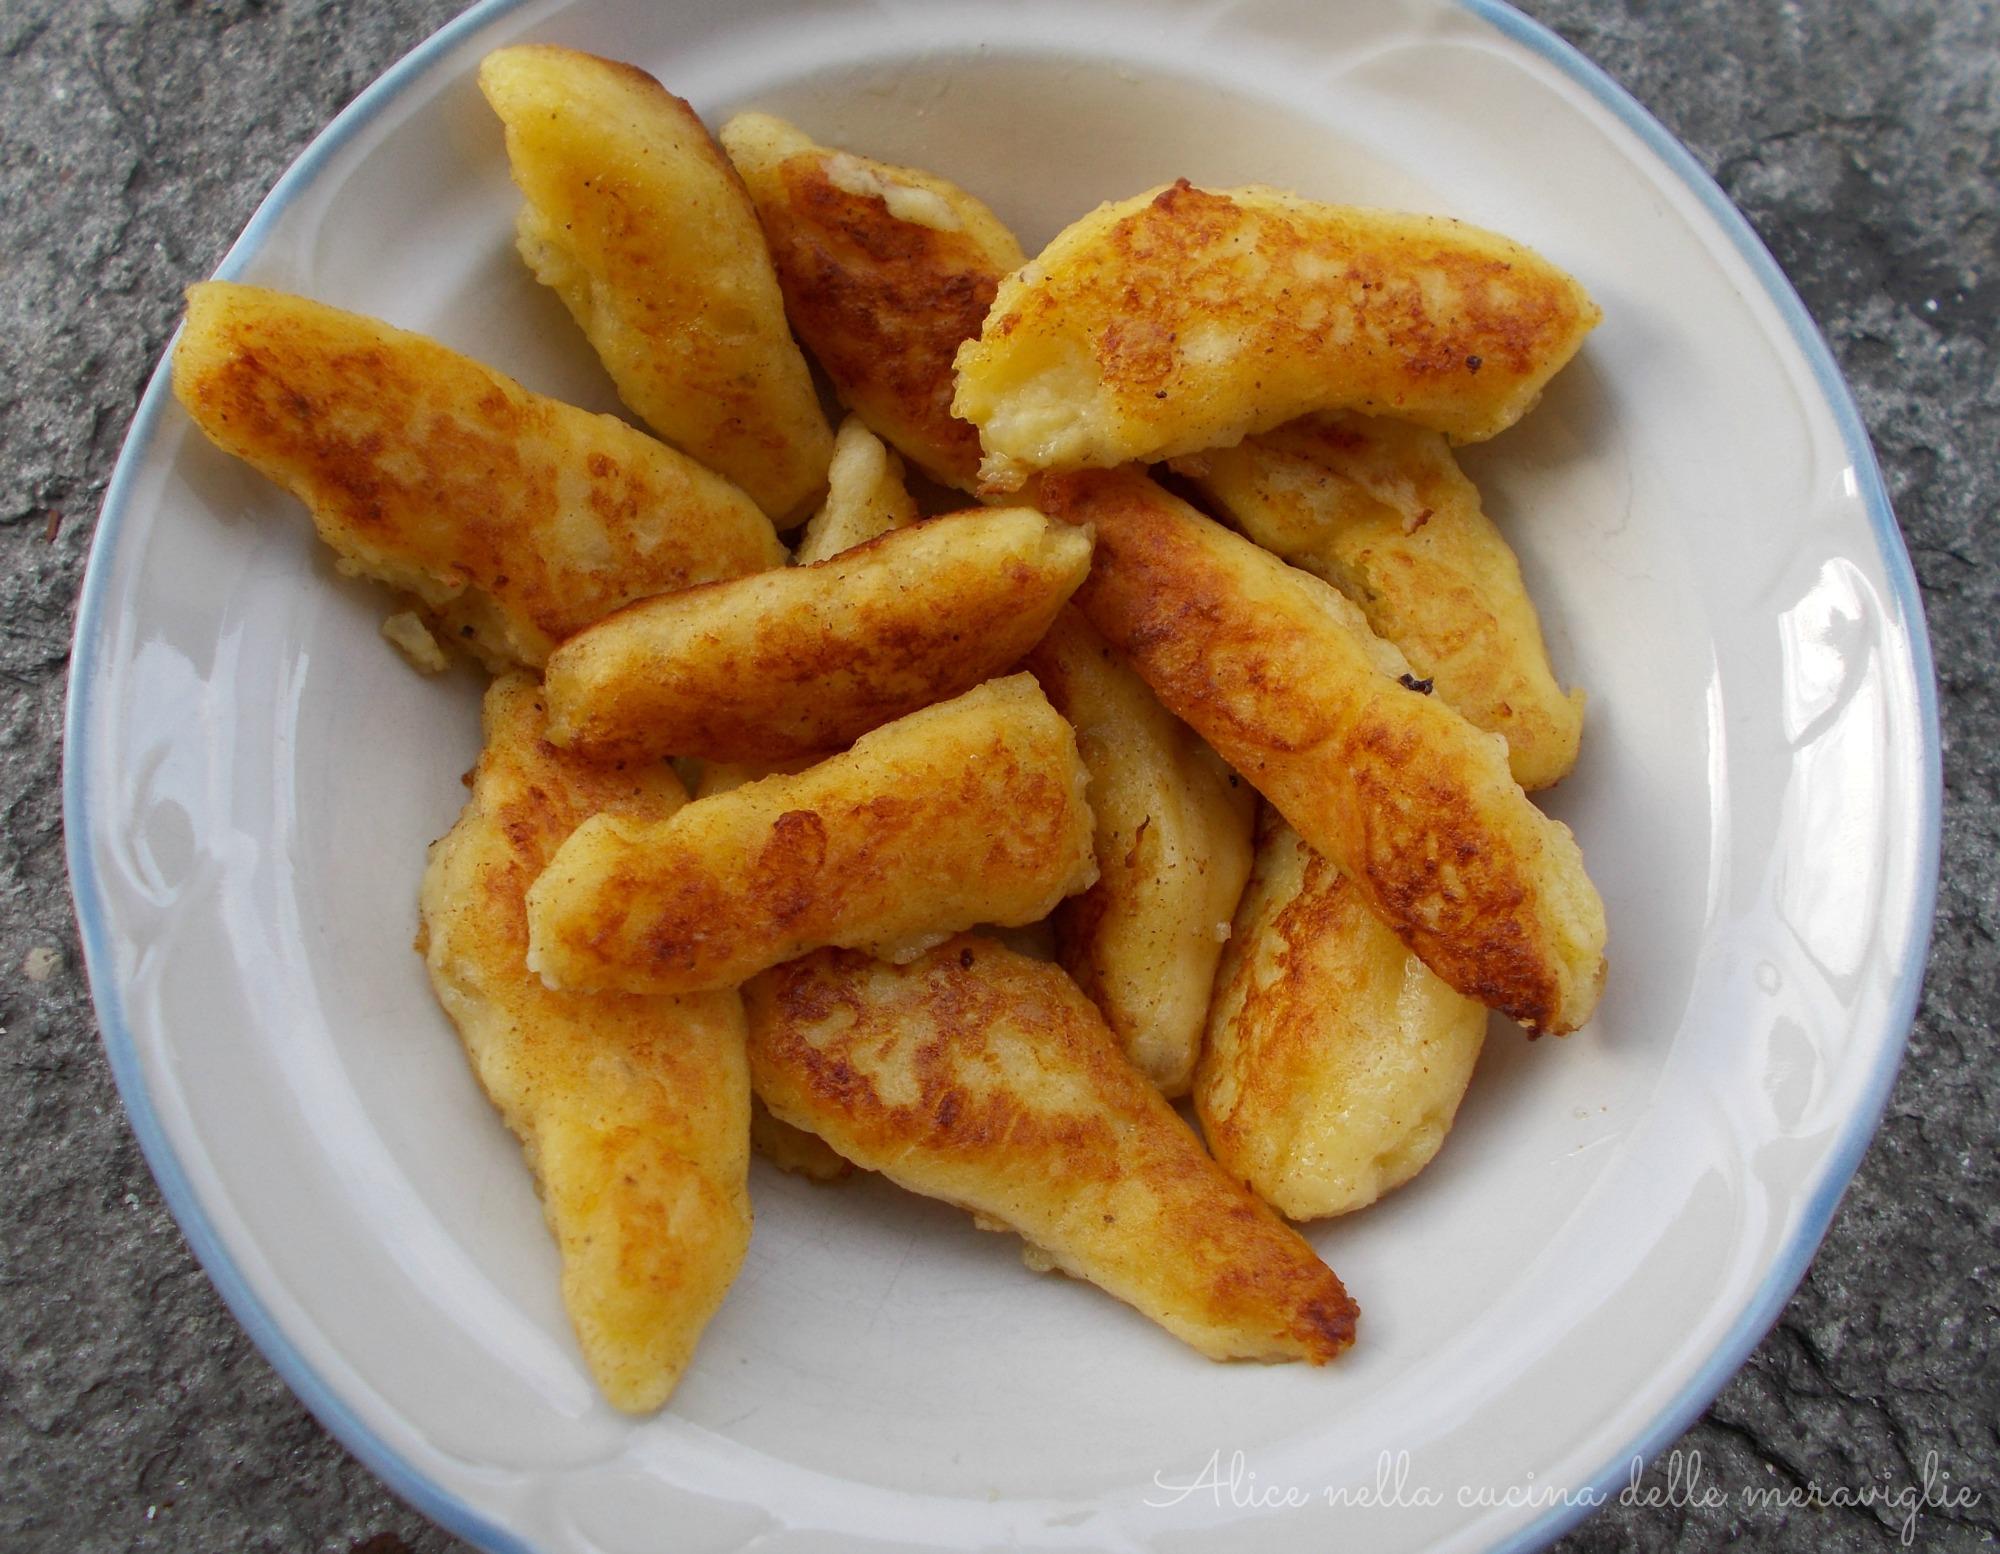 stringoli di patate kartoffelnudeln ricetta contorno alice nella cucina delle meraviglie